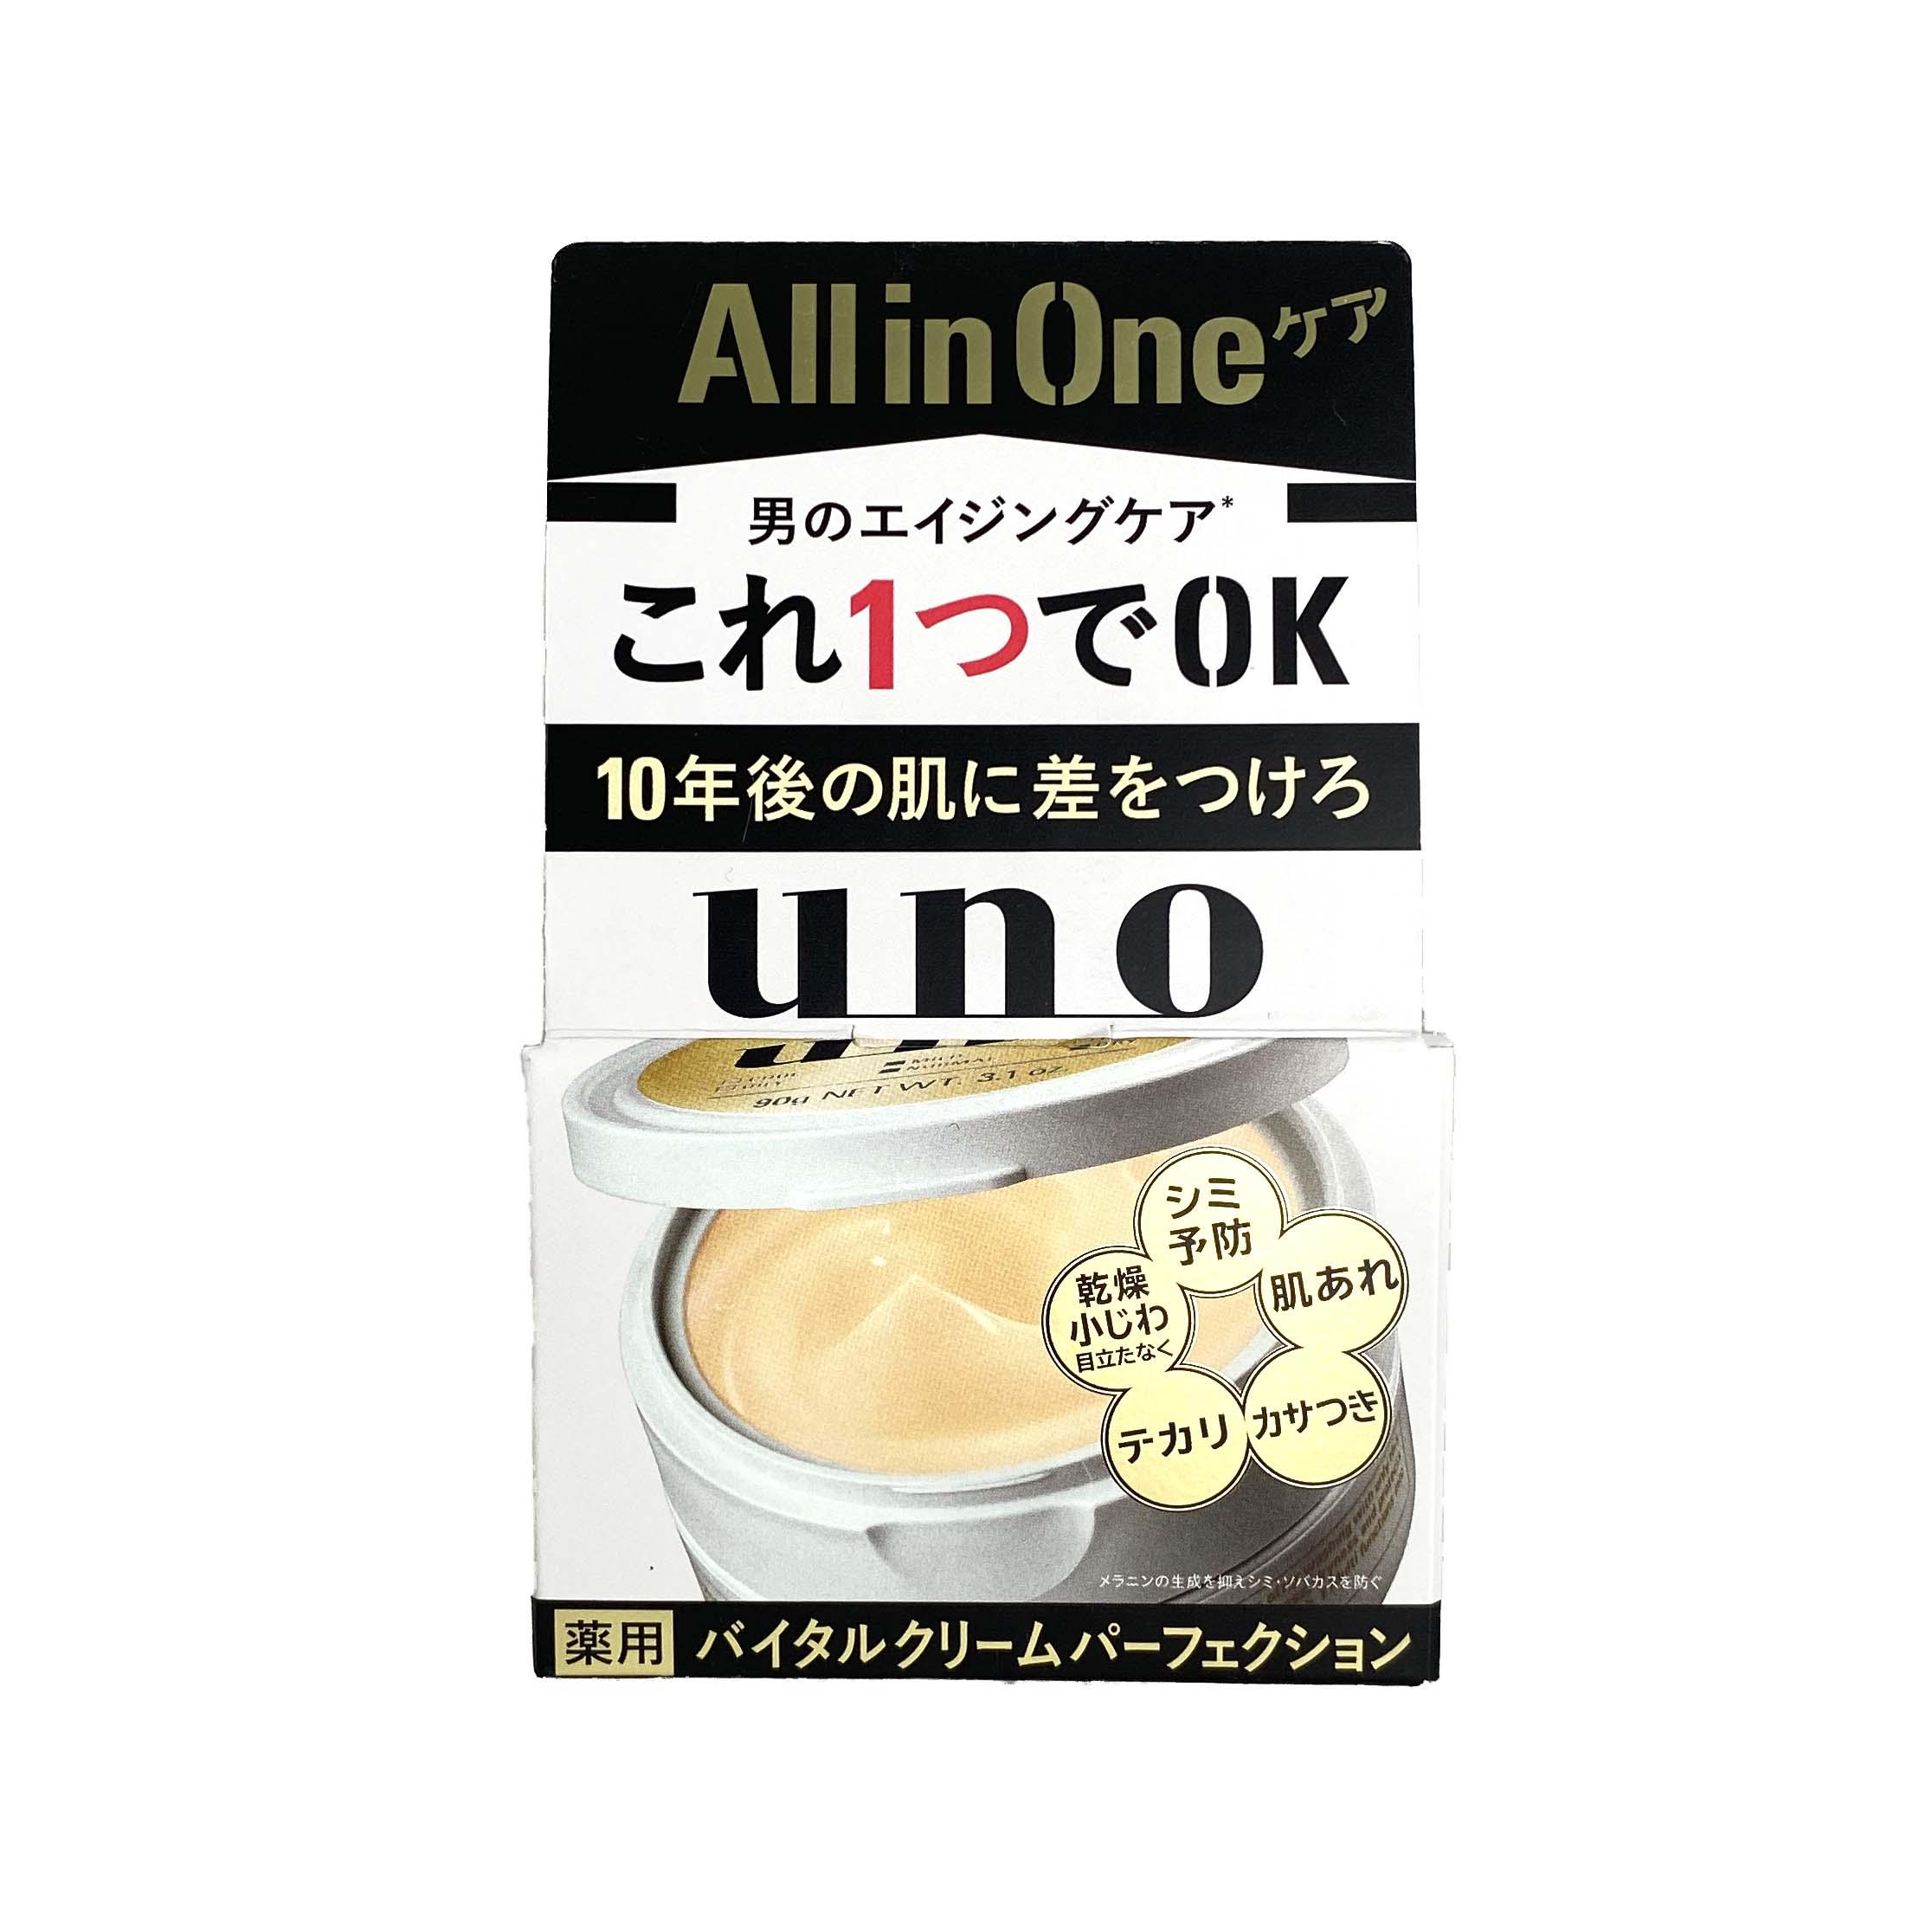 資生堂 ウーノ バイタルクリームパーフェクション 90g